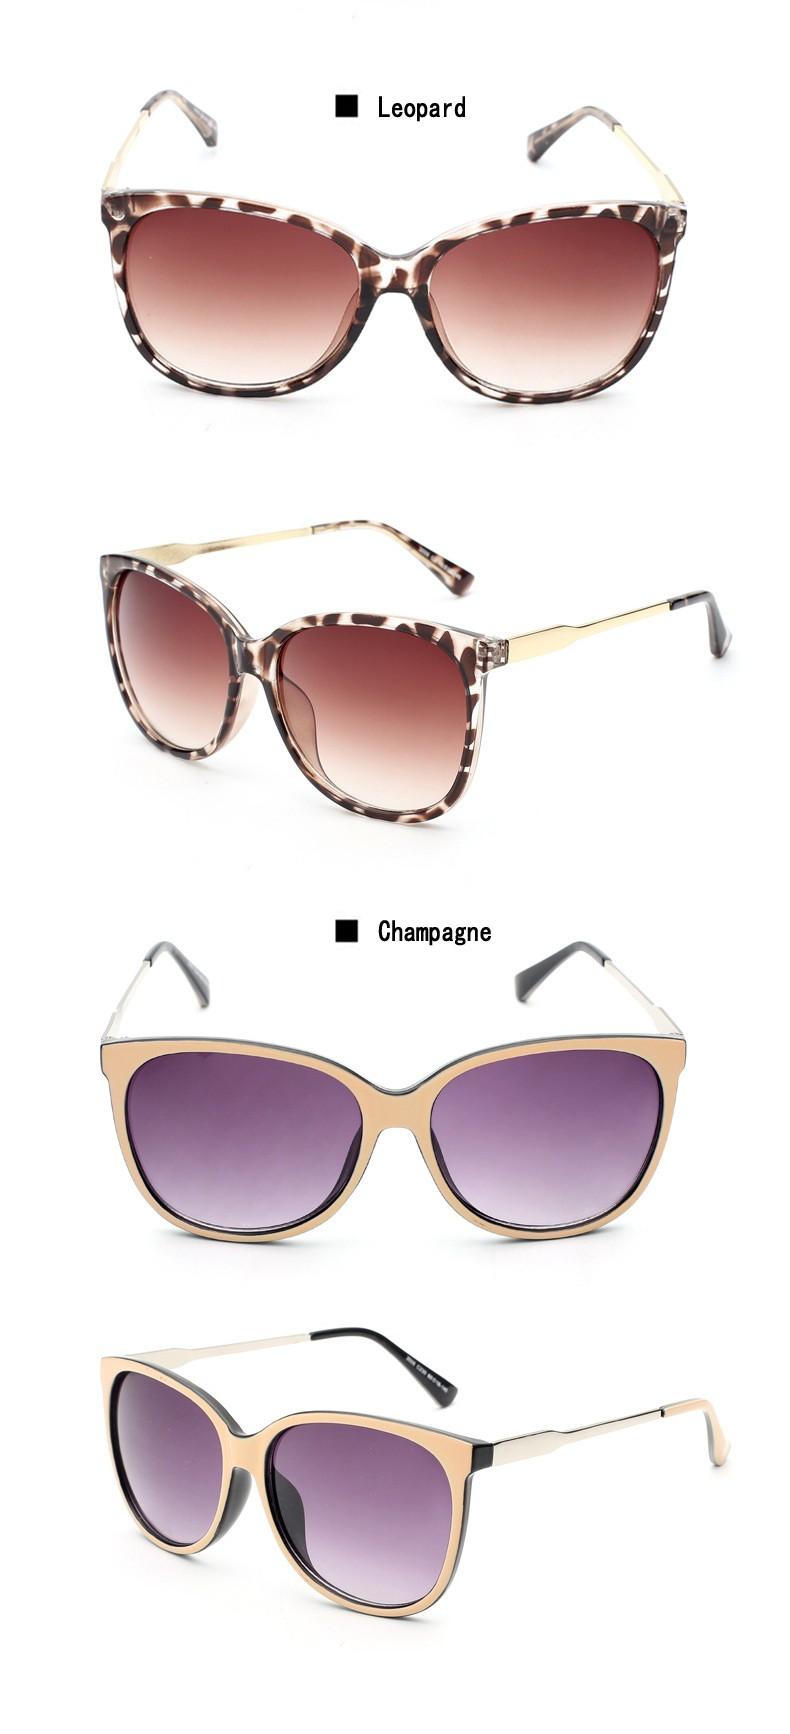 Elitera 2017 marka gwiazda styl luksusowe kobiet okularów przeciwsłonecznych kobiet ponadgabarytowych okulary rocznika zewnątrz okulary oculos de sol 3006 10